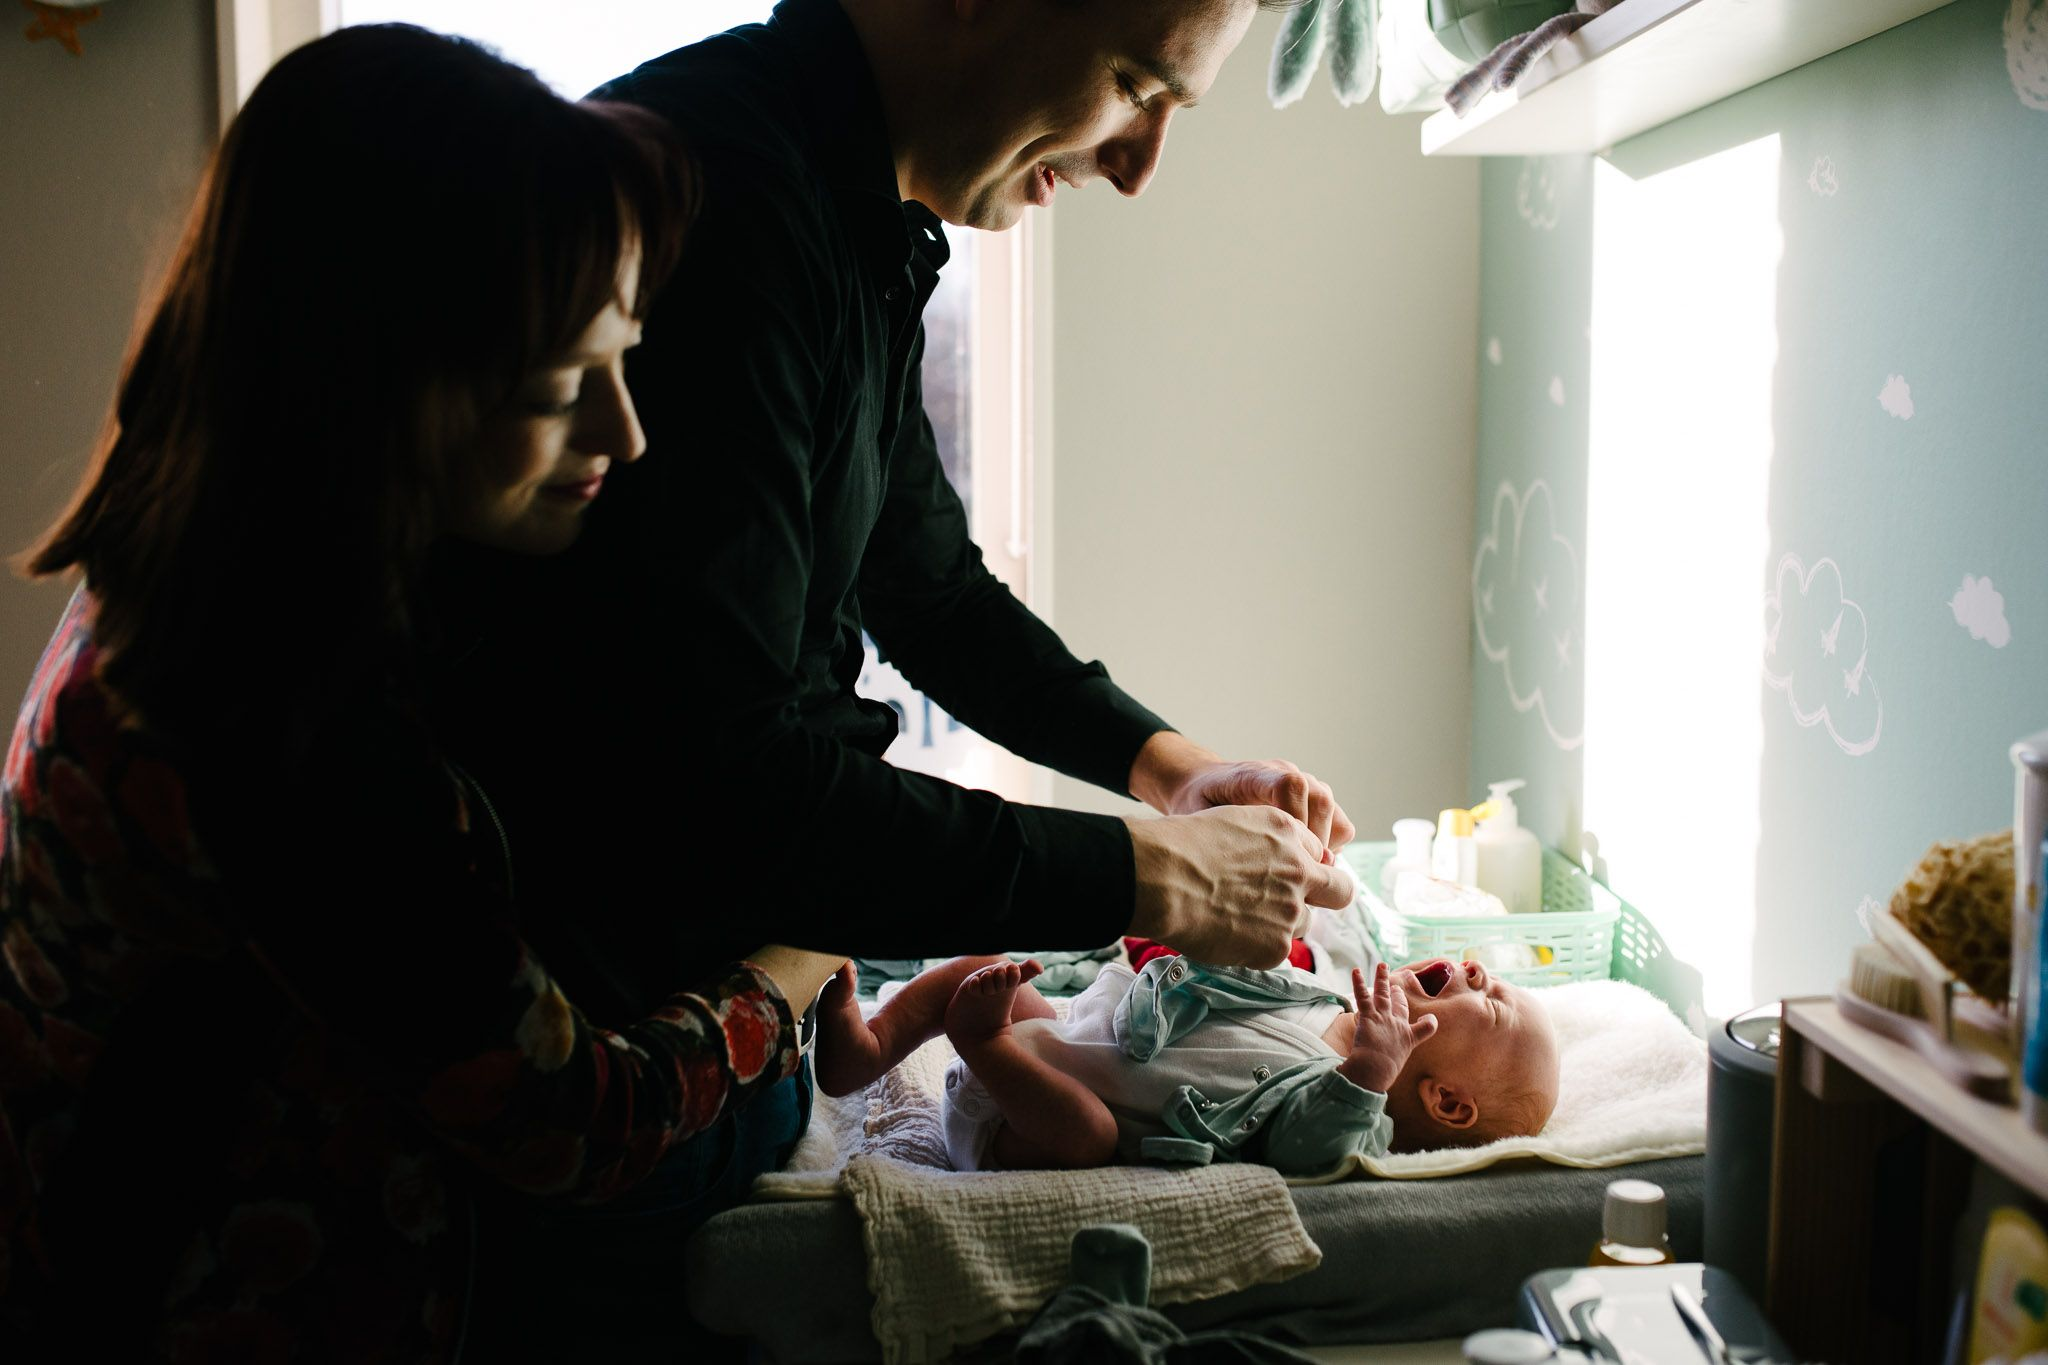 niet geposeerd fotoshoot baby pasgeboren thuis